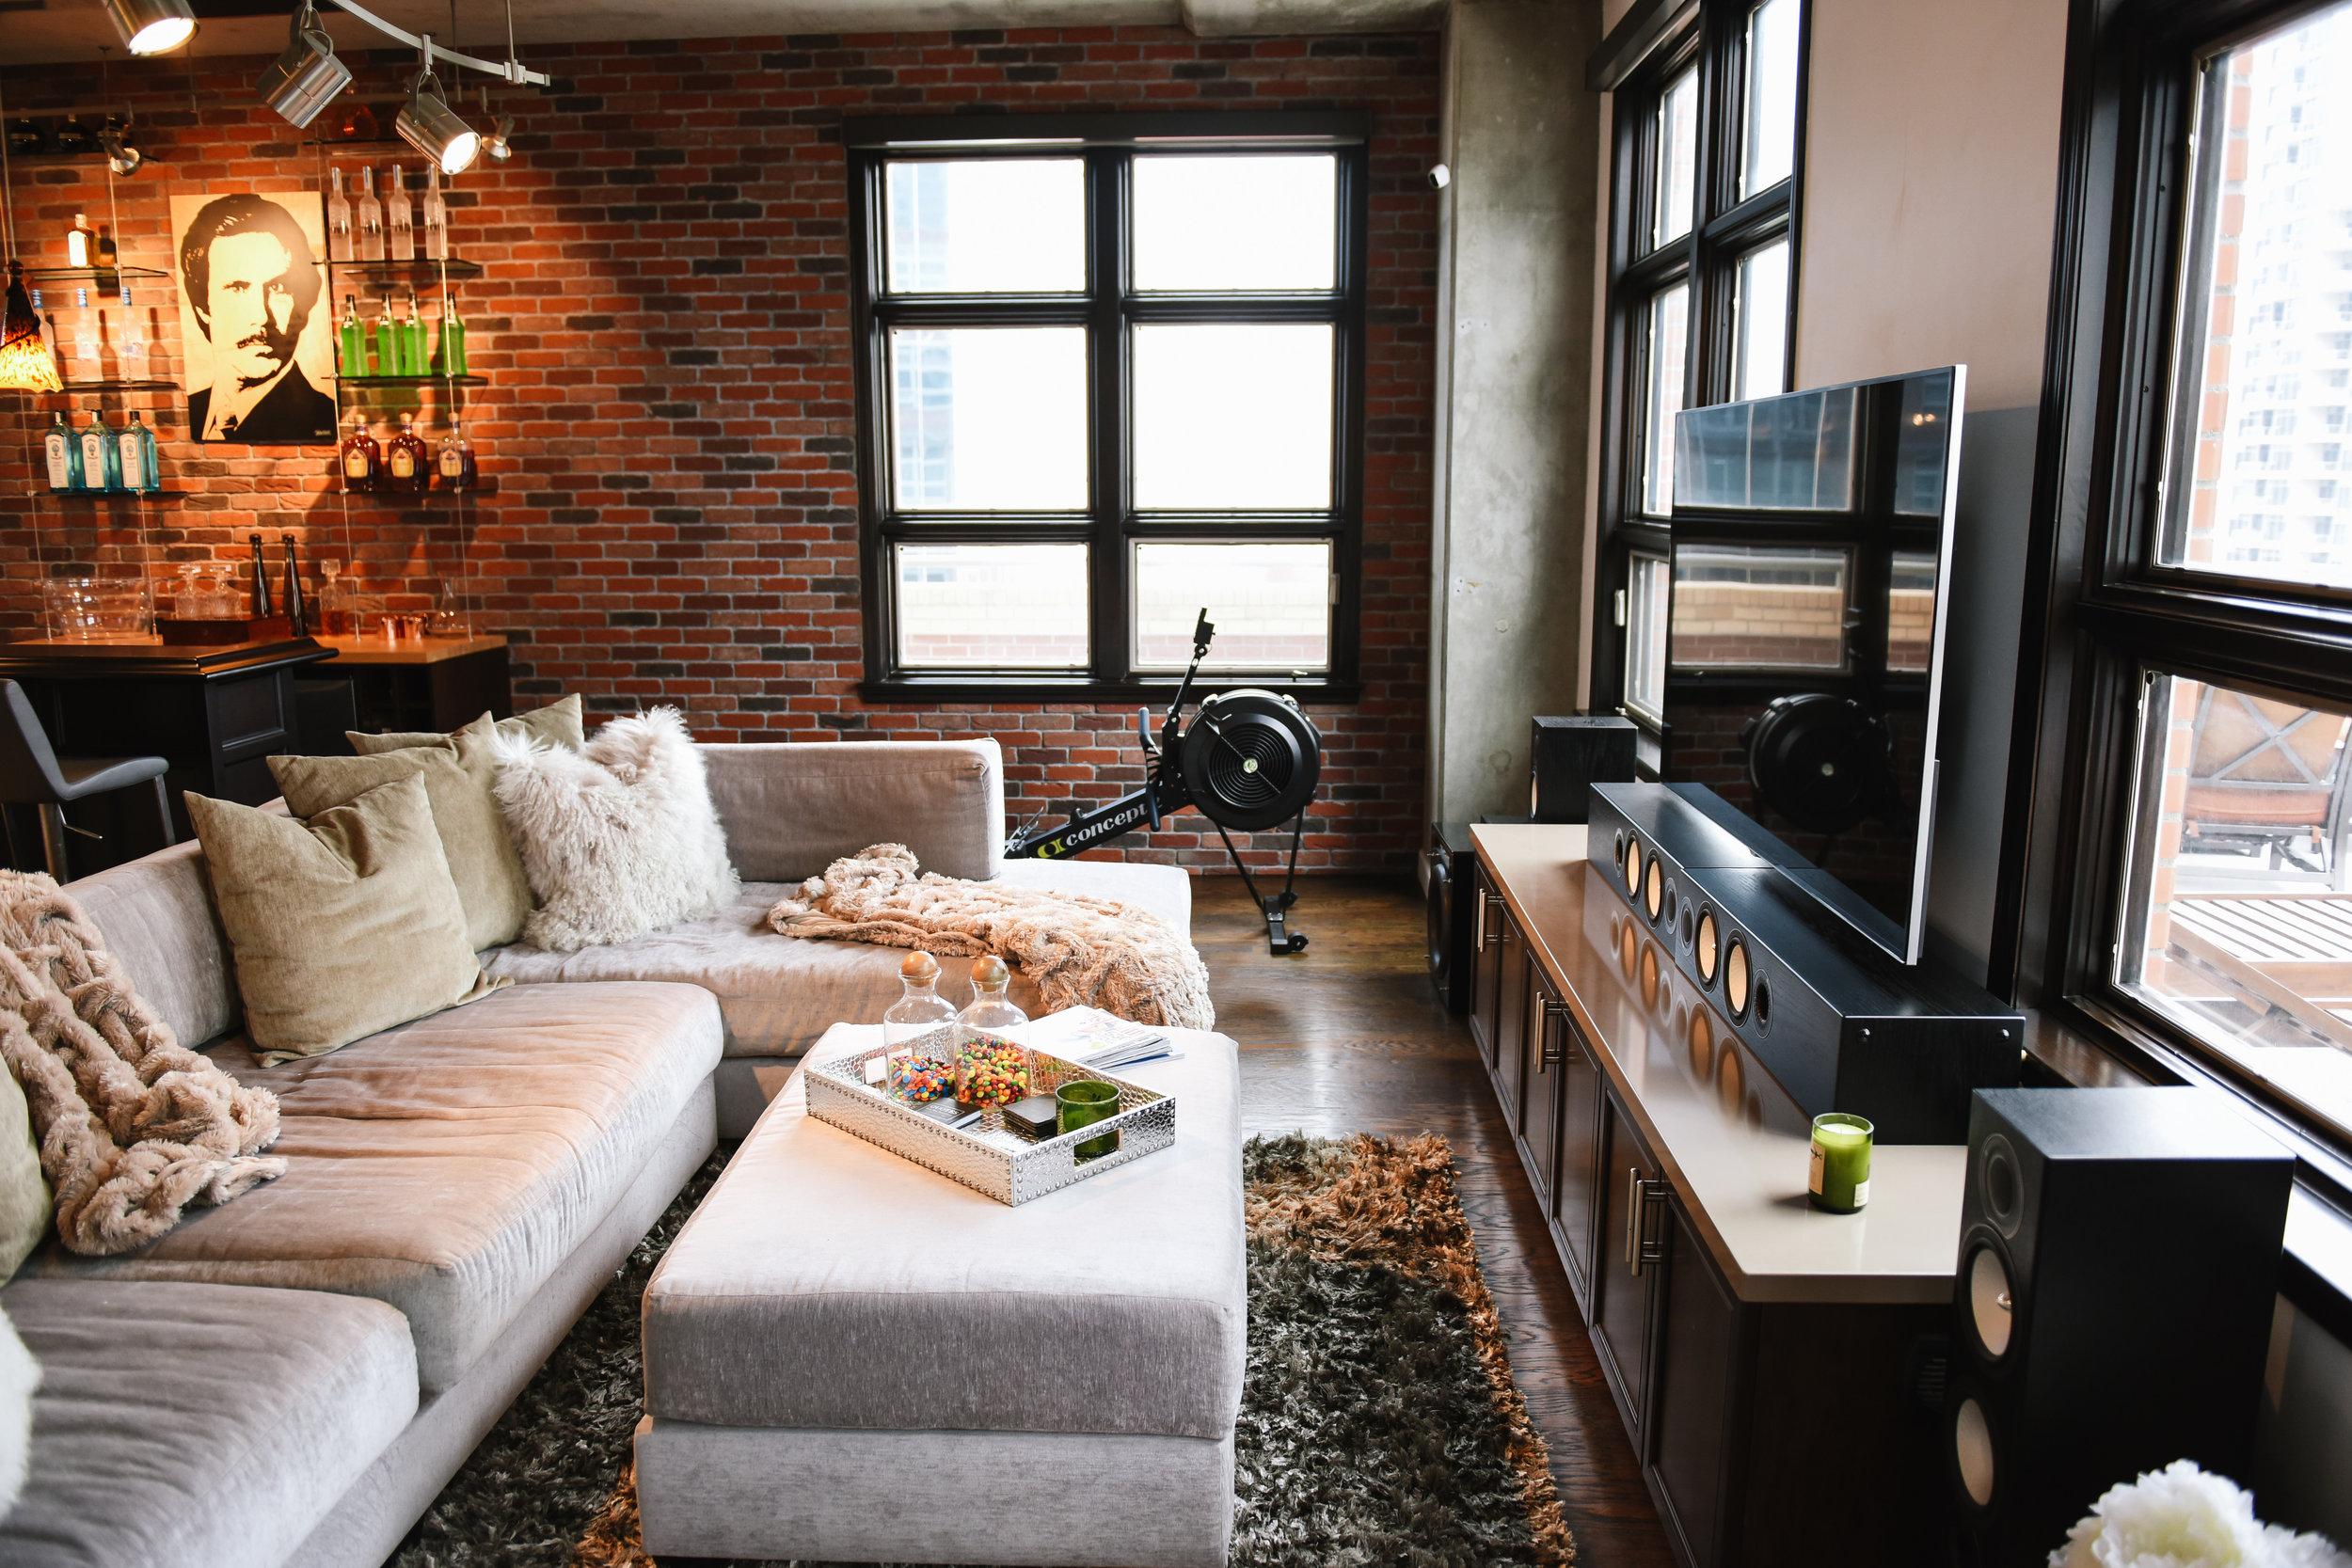 LIVING ROOM DESIGNED FOR COMFORT